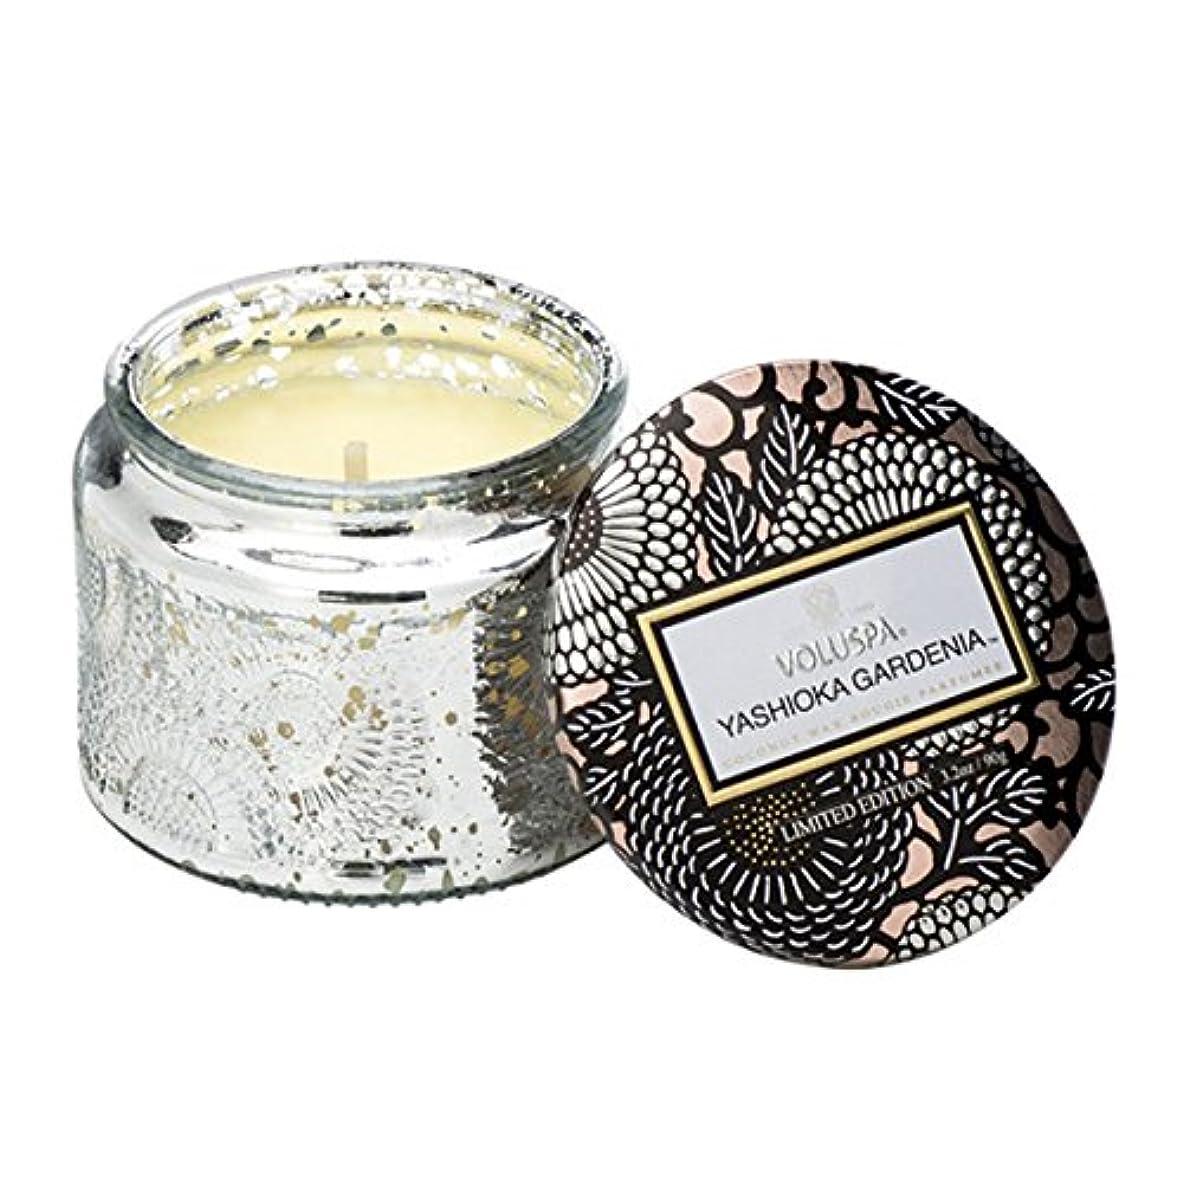 非難広々とした運命的なVoluspa ボルスパ ジャポニカ リミテッド グラスジャーキャンドル  S ヤシオカガーデニア YASHIOKA GARDENIA JAPONICA Limited PETITE EMBOSSED Glass jar candle